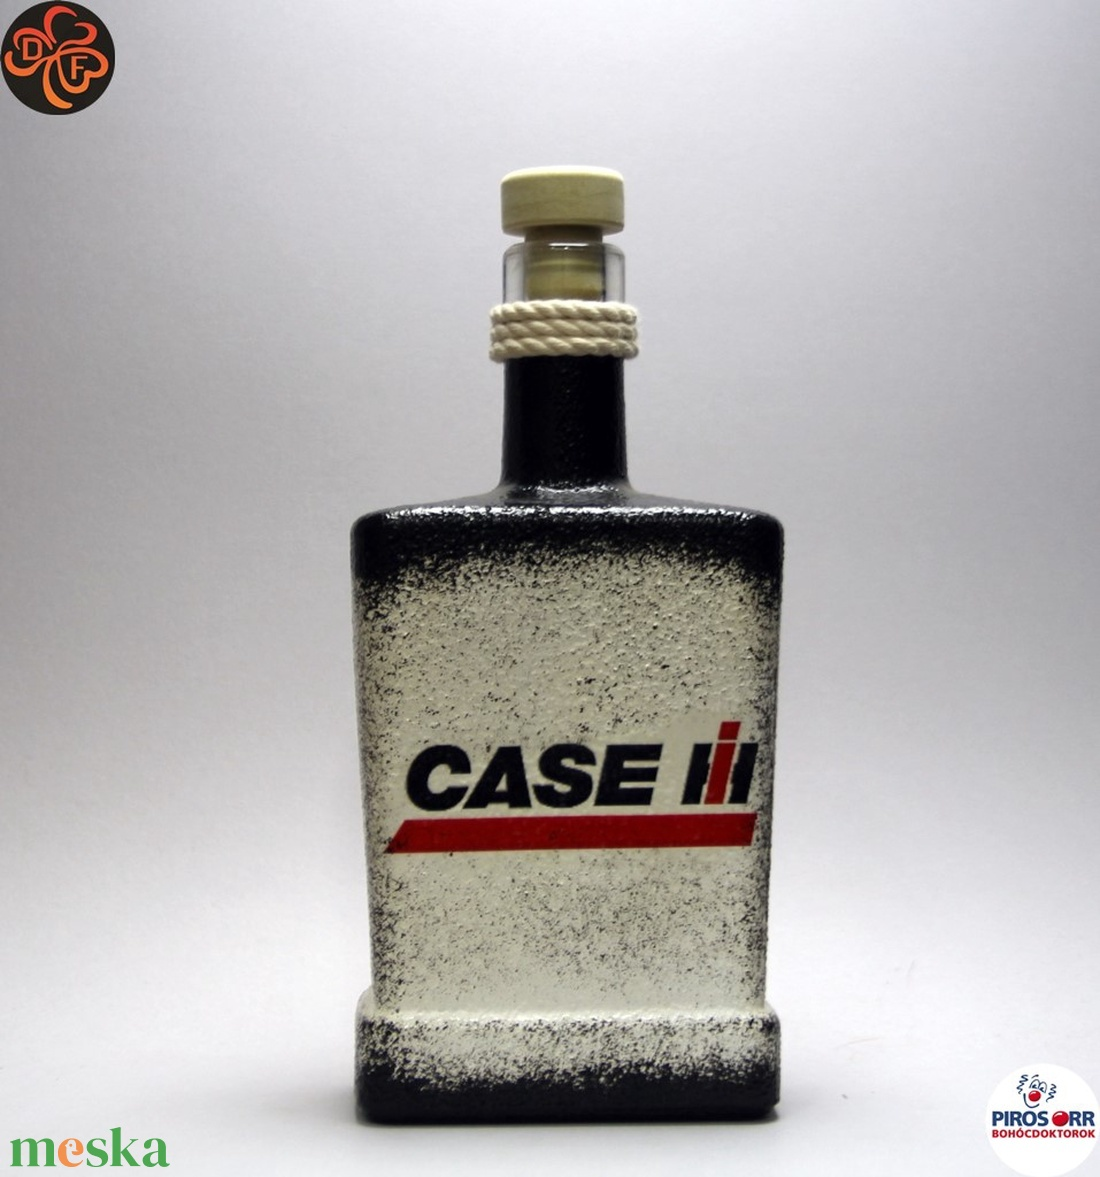 CASE IH Traktor italos üveg ; Saját traktorod fényképével is! (decorfantasy) - Meska.hu